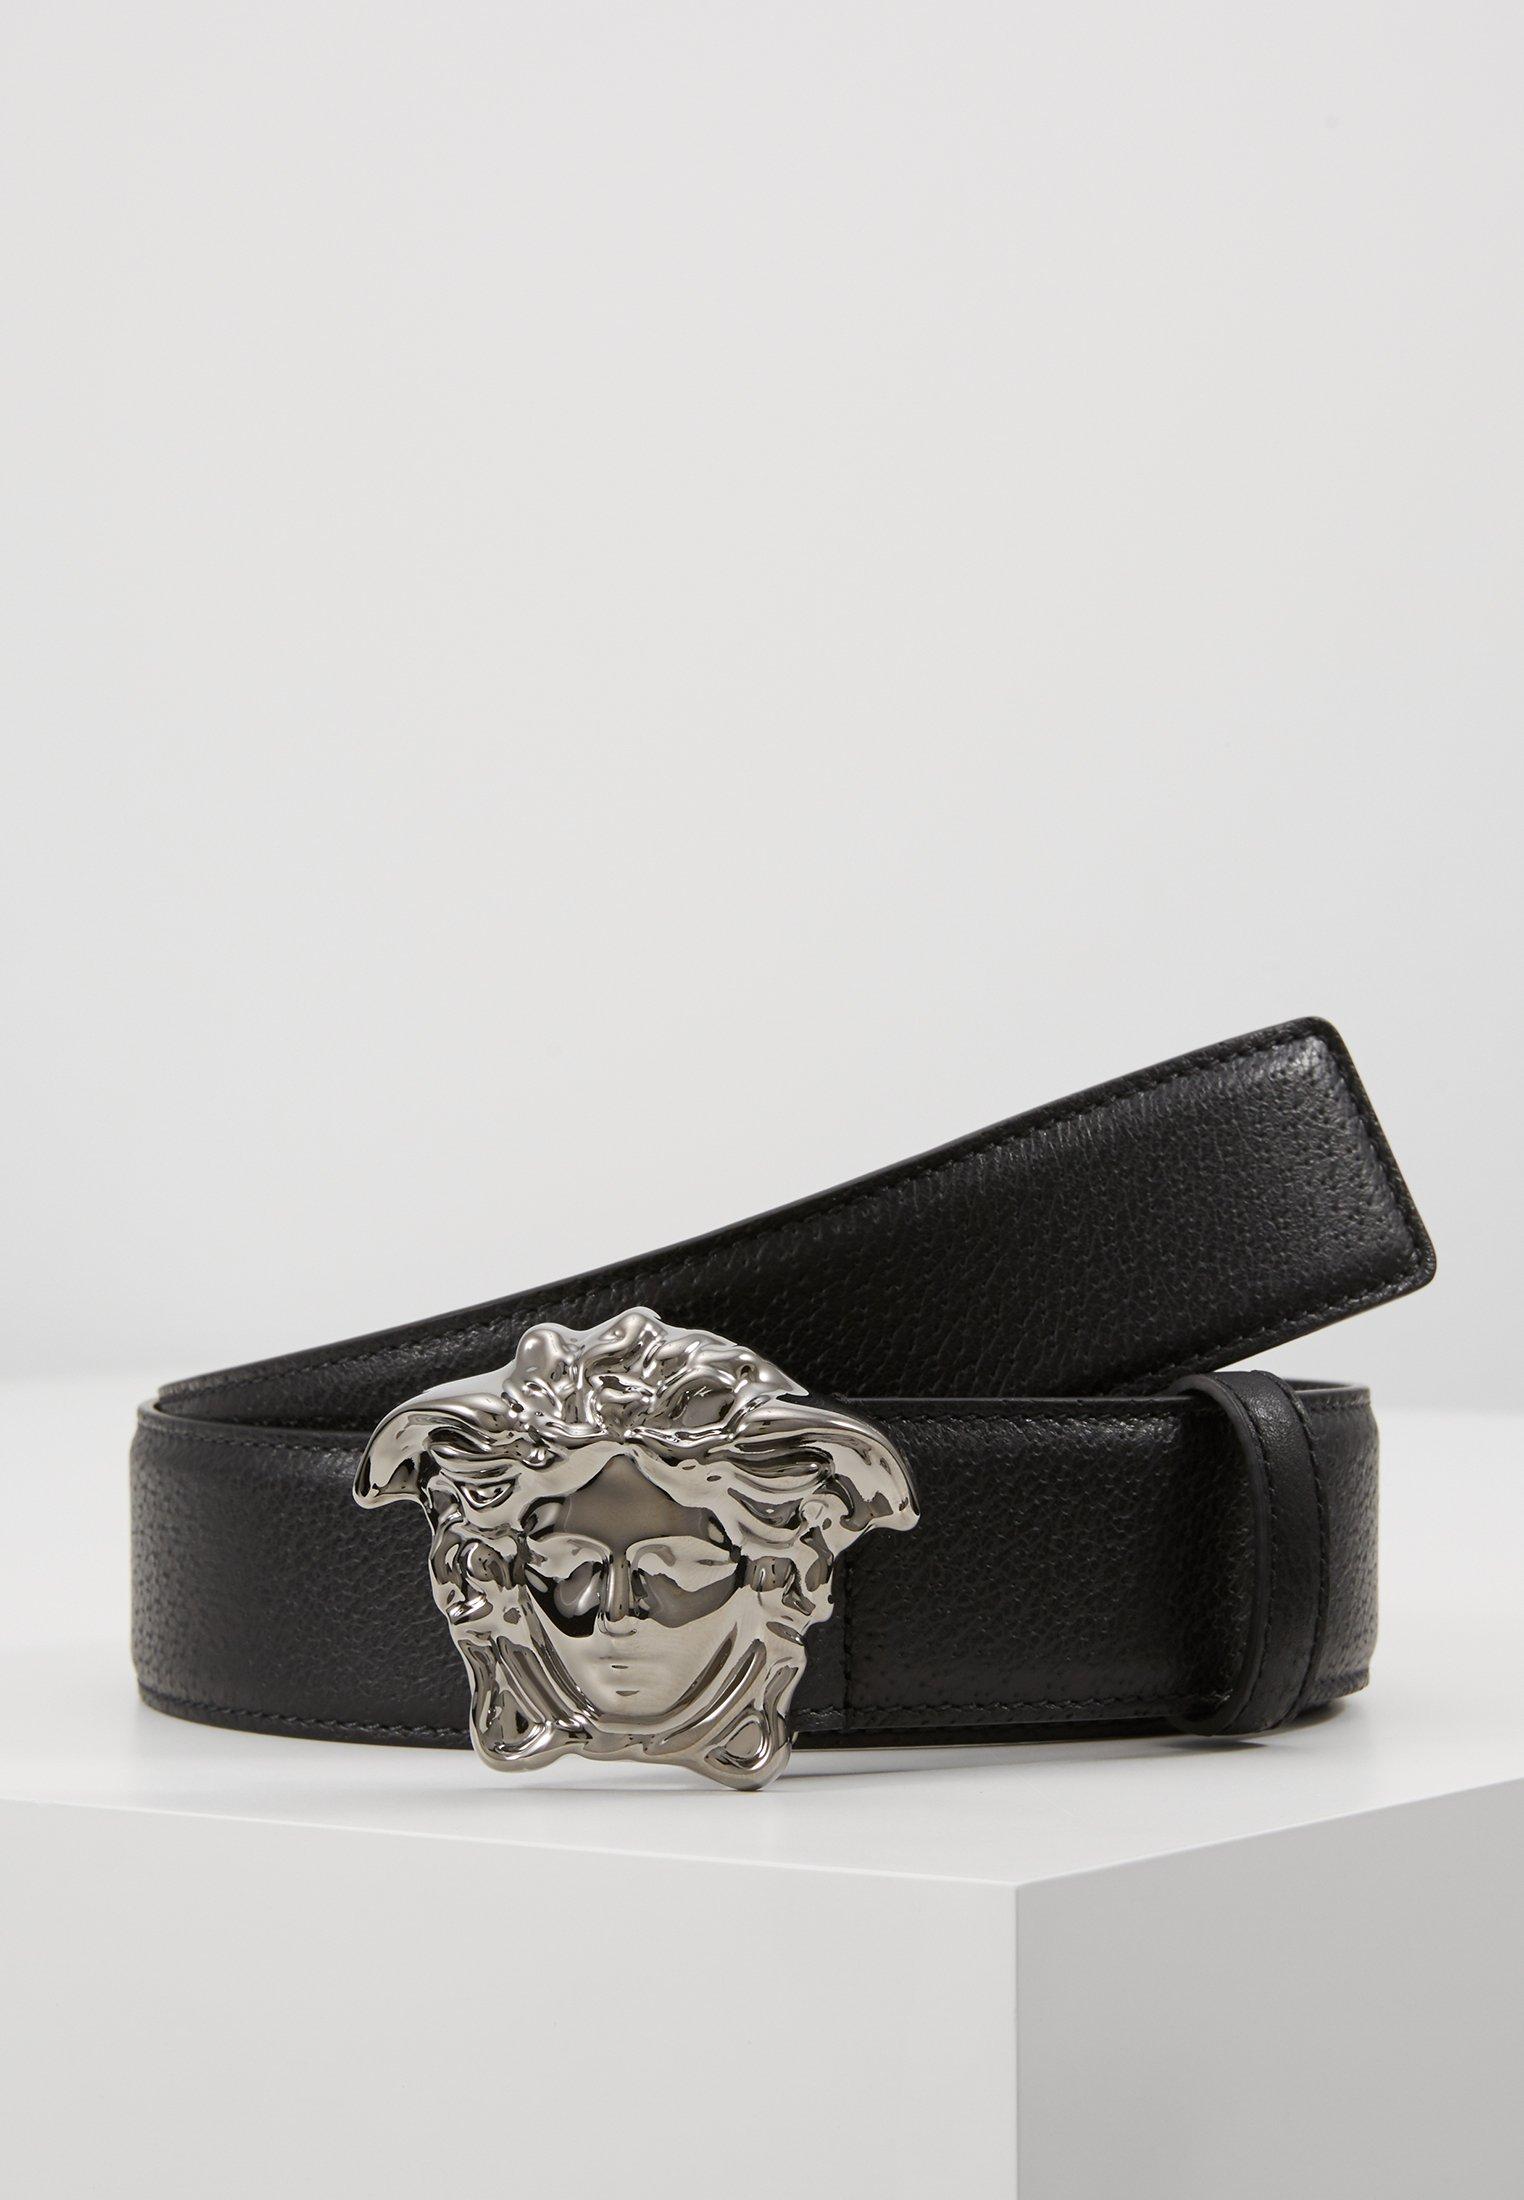 Vitello Vitello Nero PeccaryCeinture PeccaryCeinture Belt Vitello Belt Versace Belt Nero Versace Versace f76gYyb